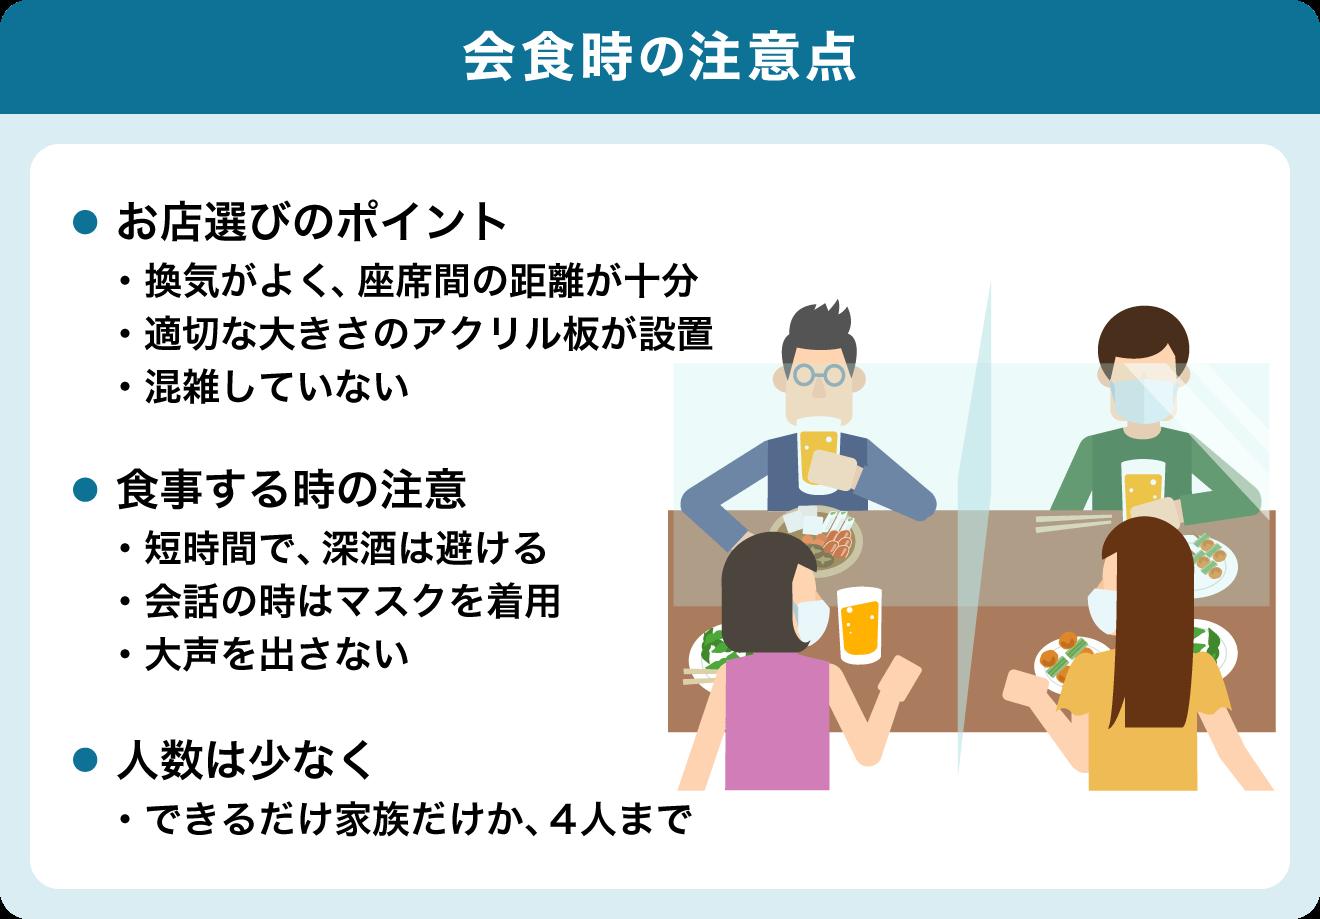 飲酒するなら①少人数・短時間で②なるべく普段一緒にいる人と③深酒・はしご酒などはひかえ、適度な酒量で  箸やコップは使い回さず、一人ひとりで  座の配置は斜め向かいに  会話する時はなるべくマスク着用  換気が適切になされているなどの工夫をしている、ガイドラインを遵守したお店で  体調が悪い人は参加しない